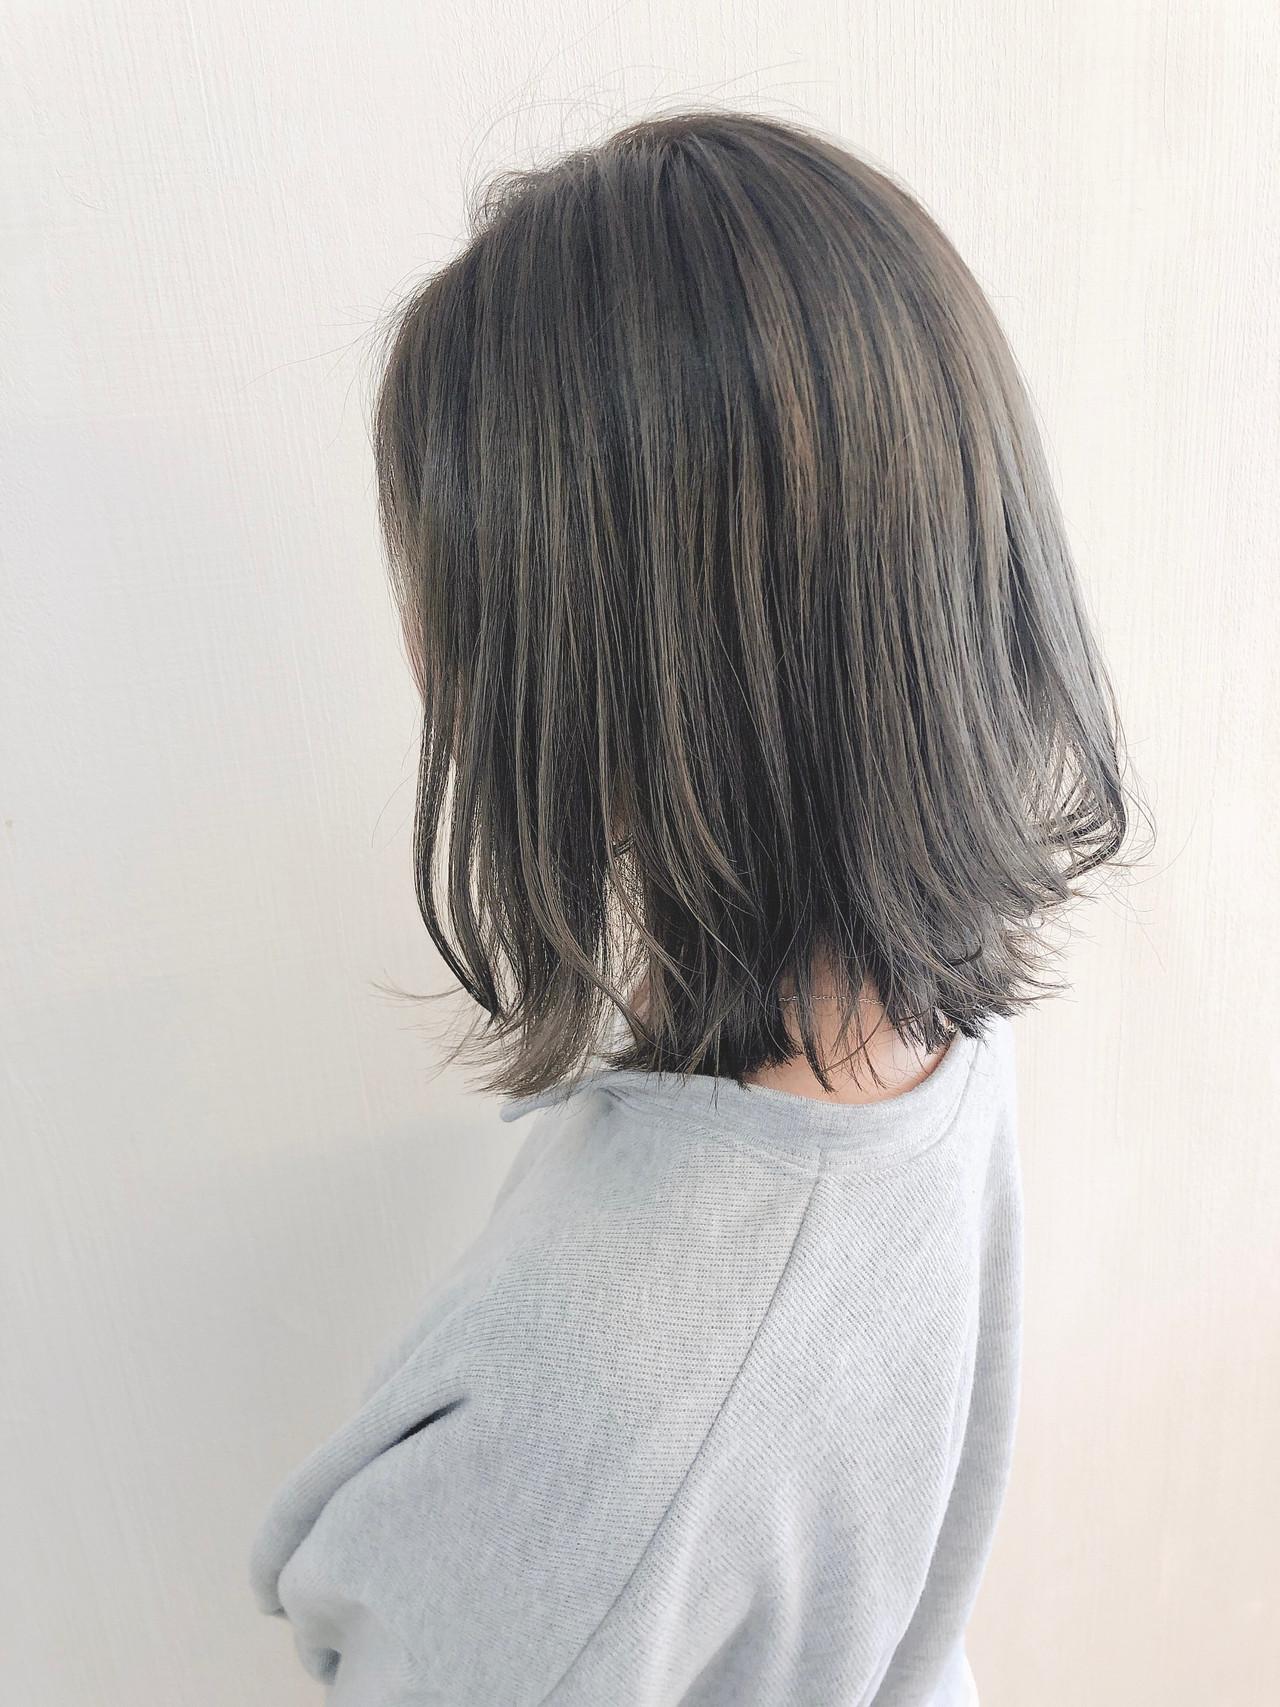 ナチュラル ヘアスタイル ミディアム ミルクティーベージュ ヘアスタイルや髪型の写真・画像